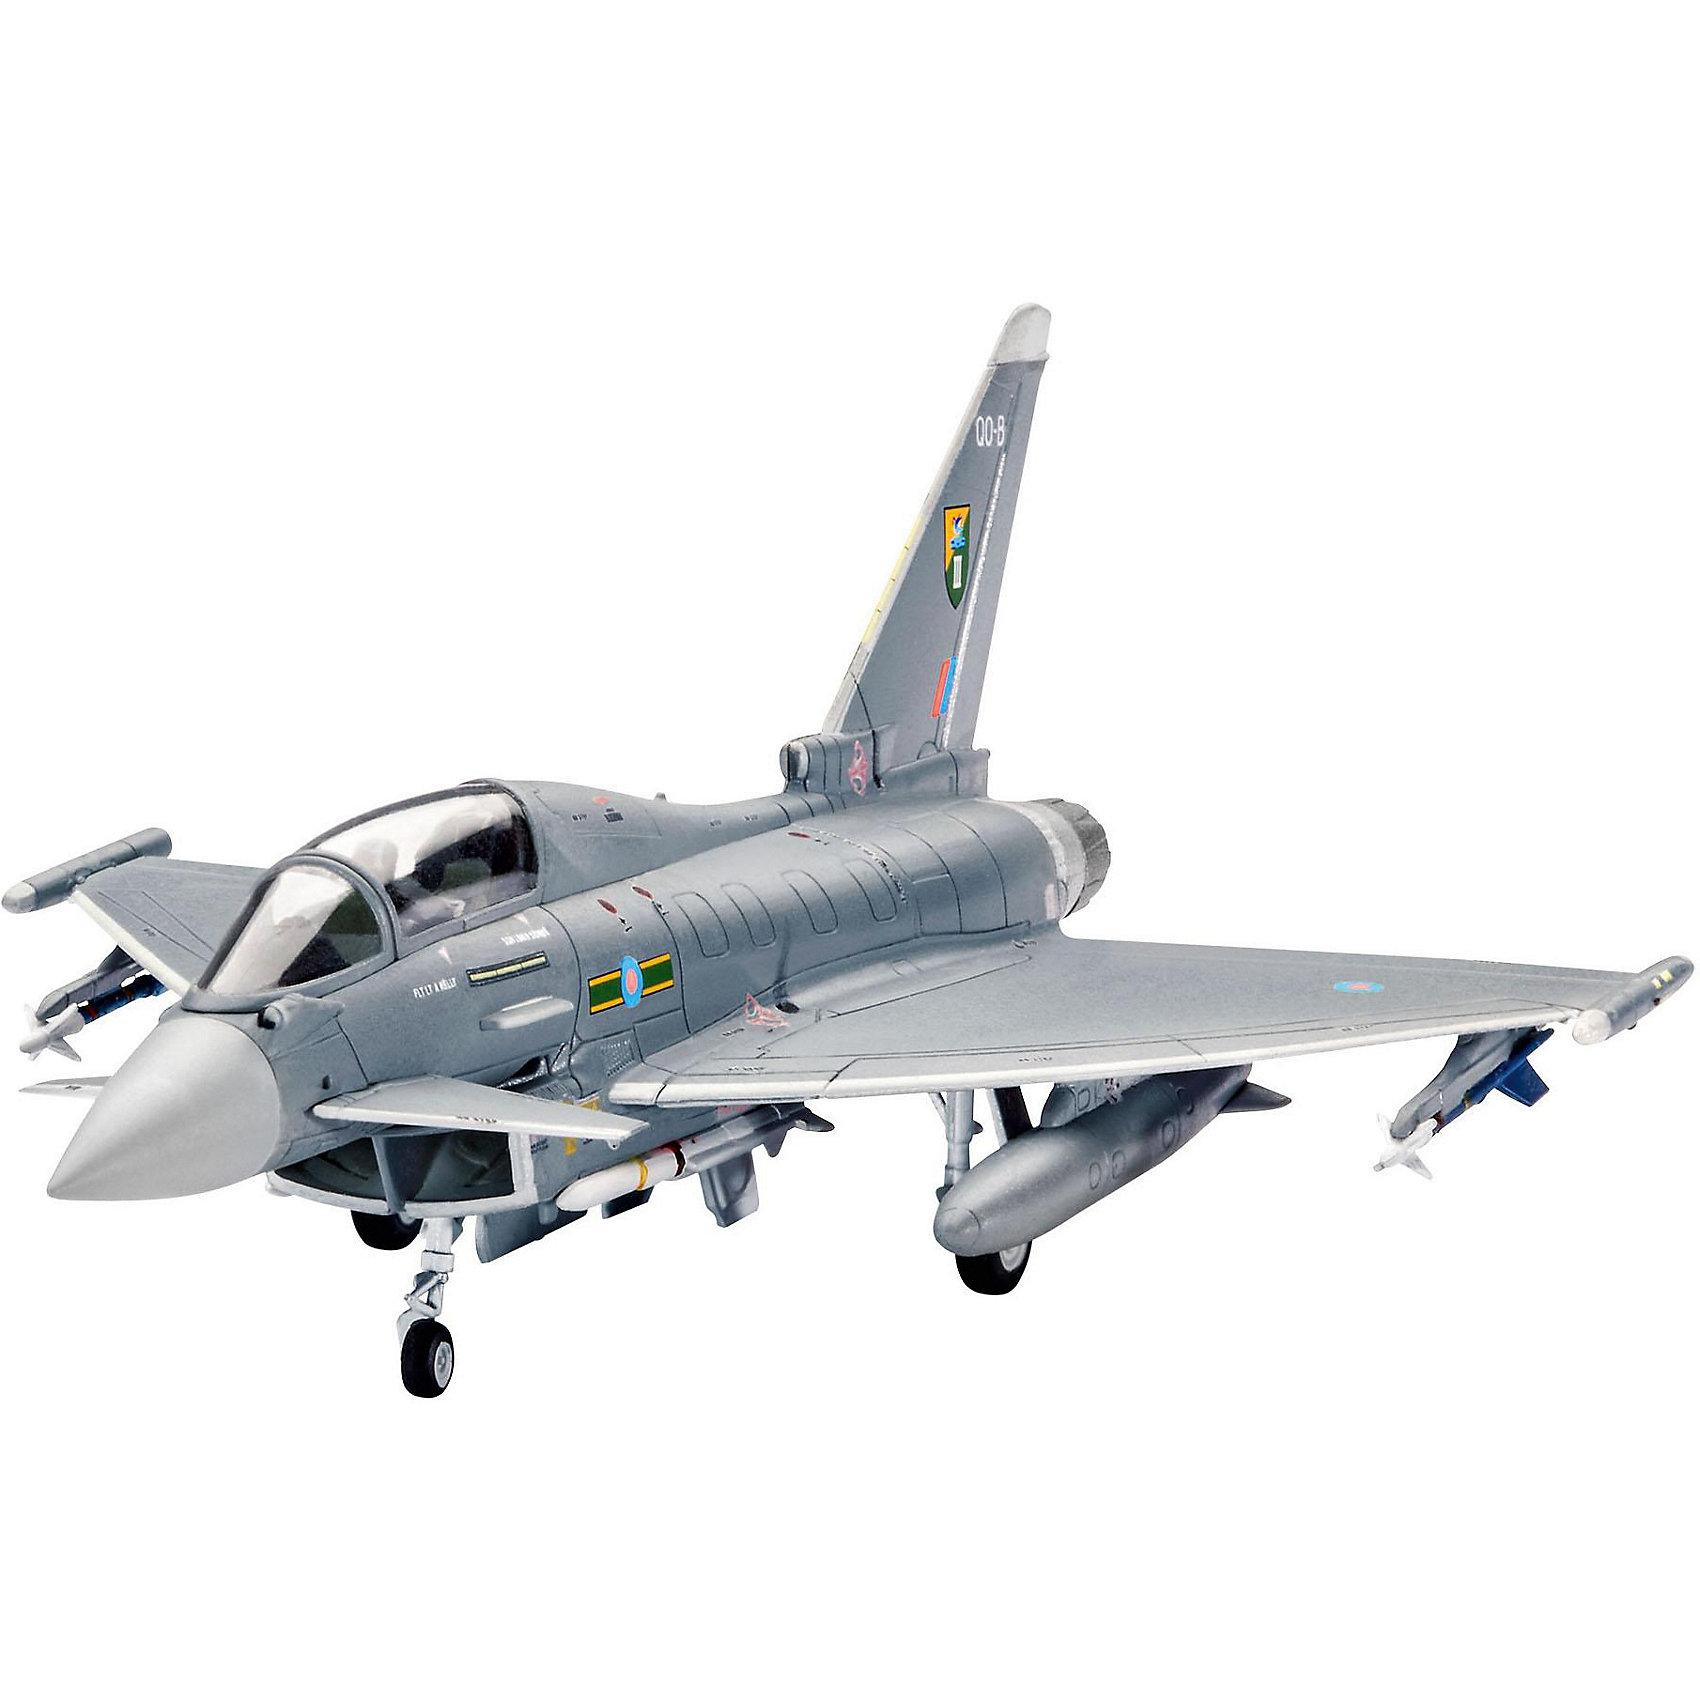 Самолет Истребитель Eurofighter Typhoon двухместныйМодели для склеивания<br>Модель многоцелевого самолета Eurofighter Typhoon. Опытный образец самолета четвертого поколения впервые поднялся в воздух в 1994 году. С 2003 года Eurofighter стал поступать в эскадрильи ВВС ряда европейских стран. Всего было построено 355 машин. <br><br>Самолет вооружен 27-мм пушкой Маузер BK-27. Кроме того Eurofighter способен нести ракеты и бомбы общим весом в 6500 кг.  <br>Масштаб: 1:144 <br>Количество деталей: 83  <br>Длина модели: 111 мм <br>Размах крыльев: 76 мм <br>Подойдет для детей старше 10-и лет.<br>ВНИМАНИЕ: Клей, краски и кисточки приобретаются отдельно.<br><br>Ширина мм: 9999<br>Глубина мм: 9999<br>Высота мм: 9999<br>Вес г: 9999<br>Возраст от месяцев: 120<br>Возраст до месяцев: 2147483647<br>Пол: Мужской<br>Возраст: Детский<br>SKU: 7122335